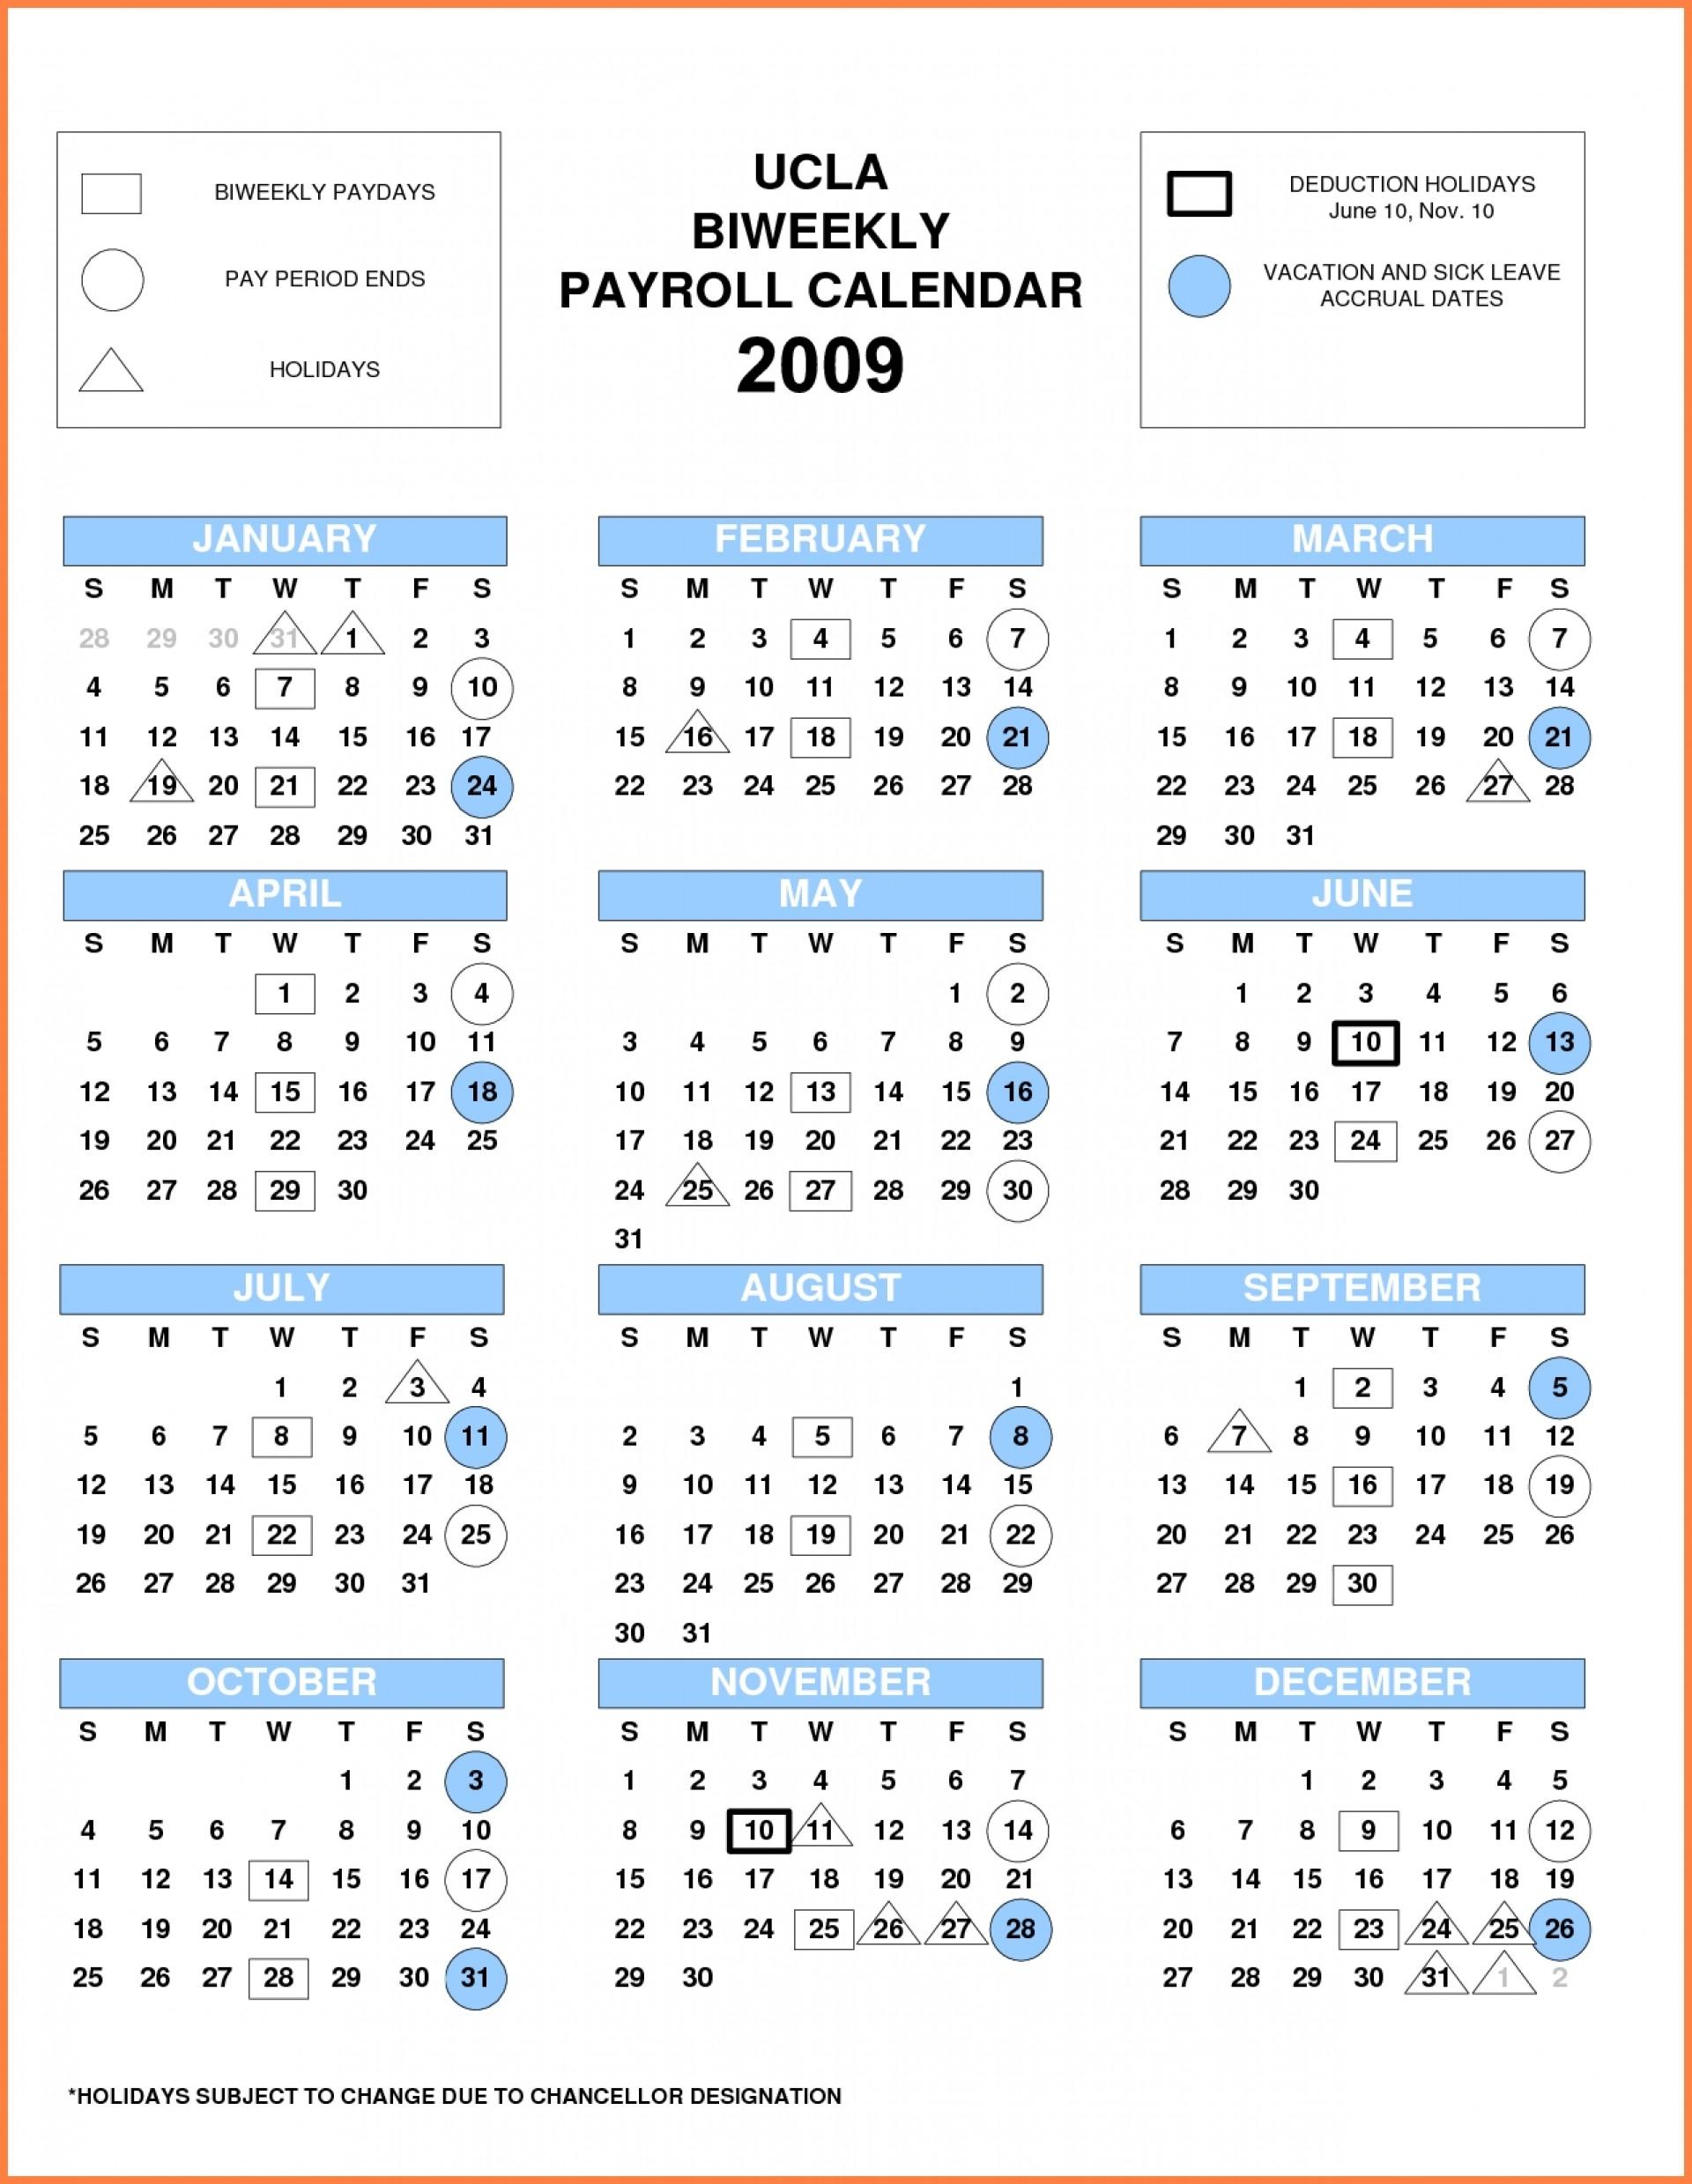 2020 Biweekly Payroll Calendar Printable | Payroll Calendar 2020